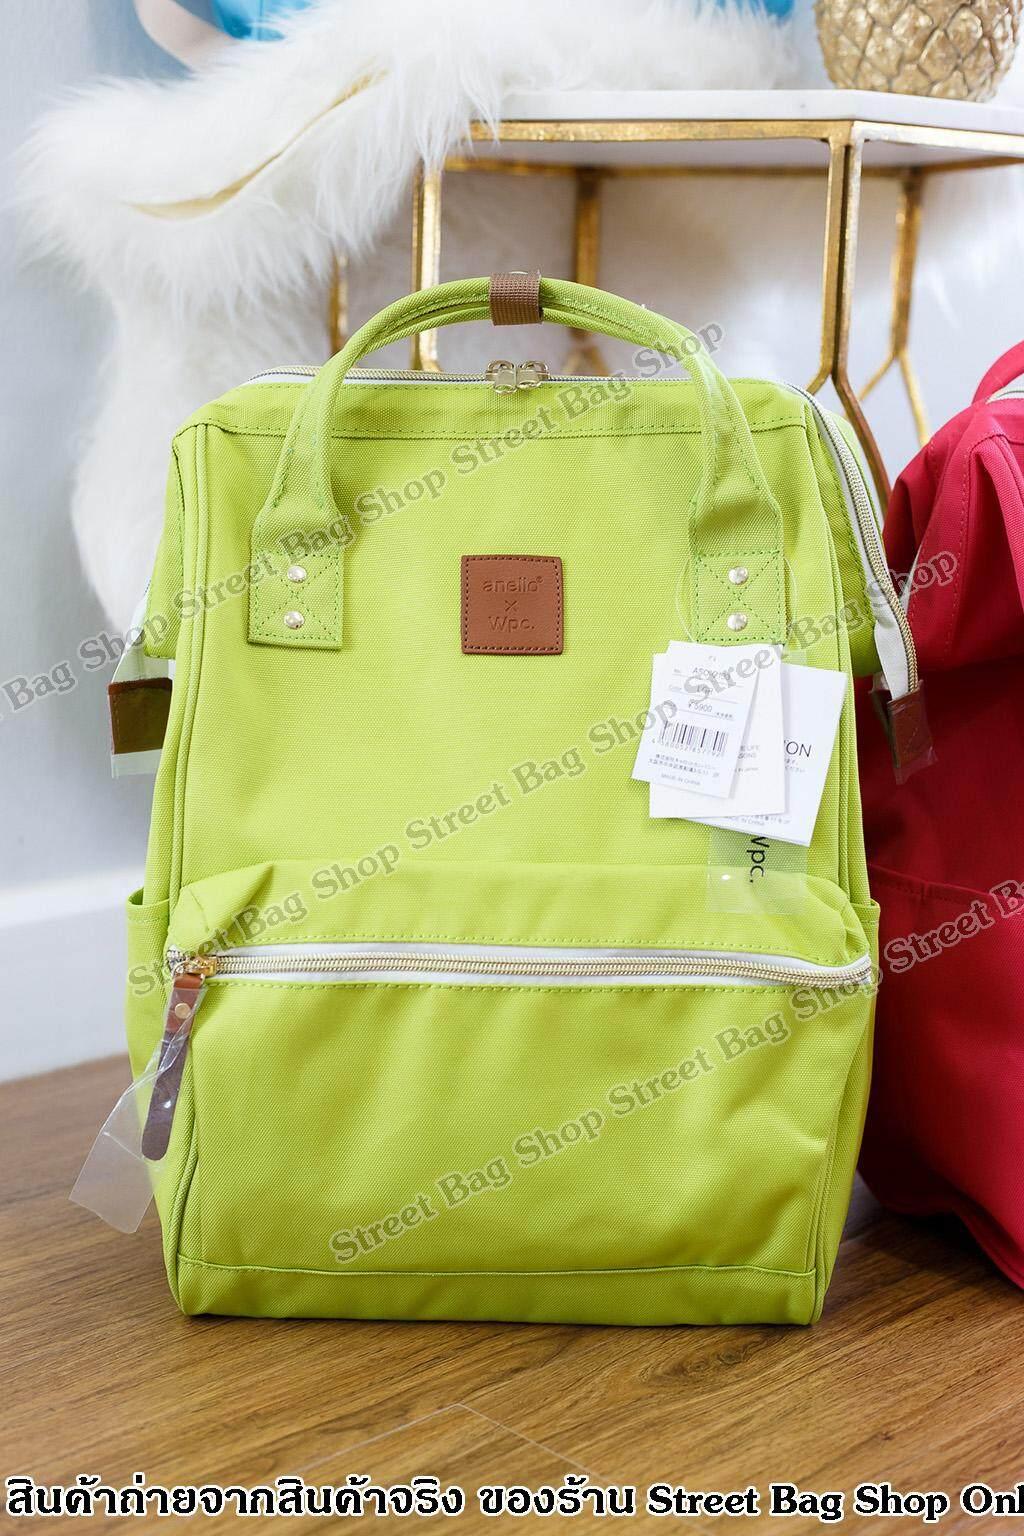 สุพรรณบุรี [รูปถ่ายจากสินค้าจริง]  ฉลองใหม่ สาขา 2 New 2019 ของแท้ กระเป๋าเป้ Anello x Wpc Collaboration Backpack